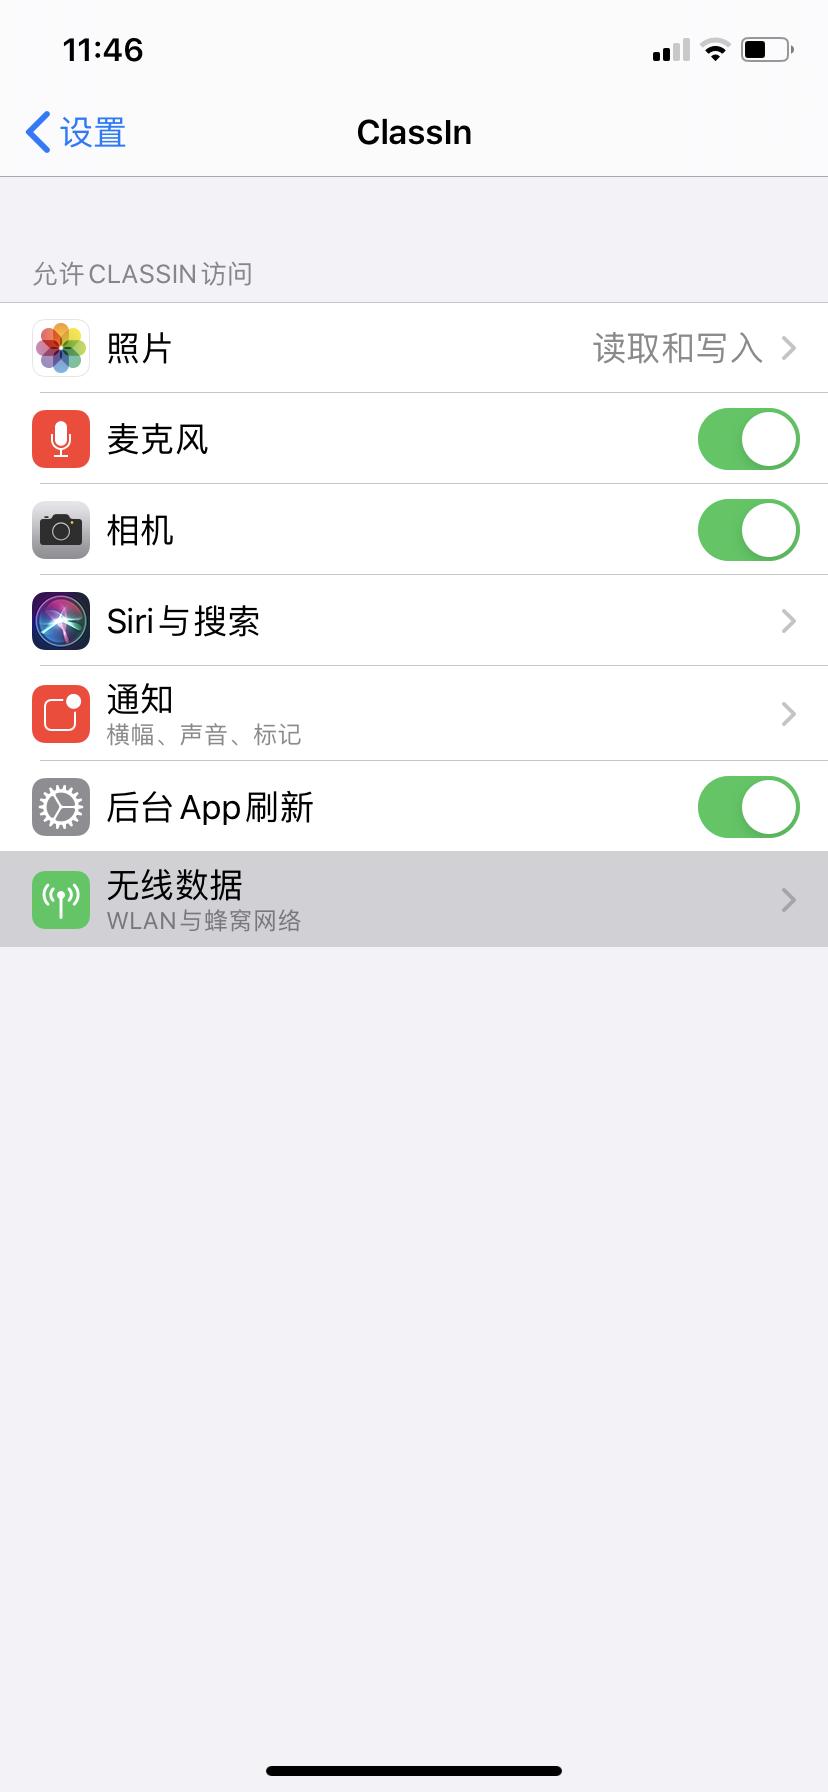 無法更改app的蜂窩數據使用權限怎么辦?